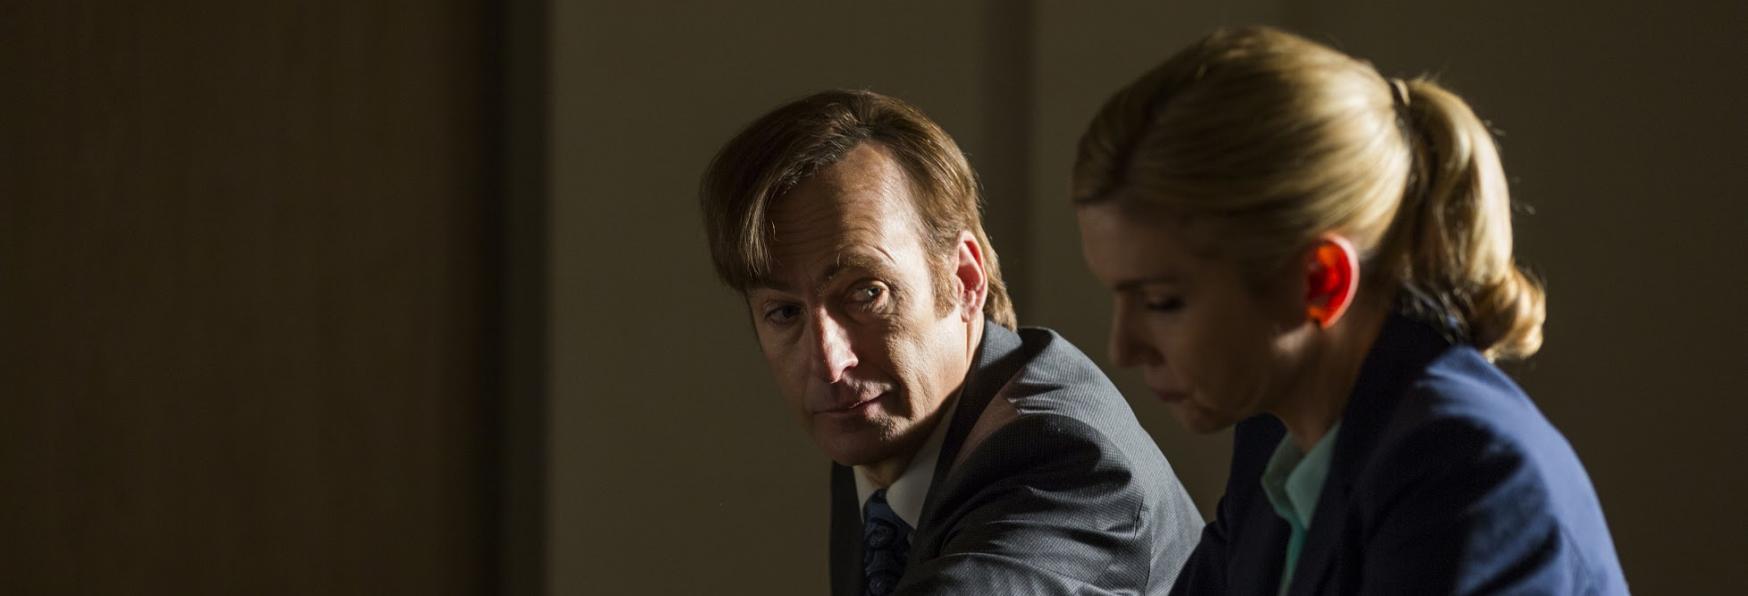 Better Call Saul: Perché Kim Wexler è ancora al fianco di Jimmy